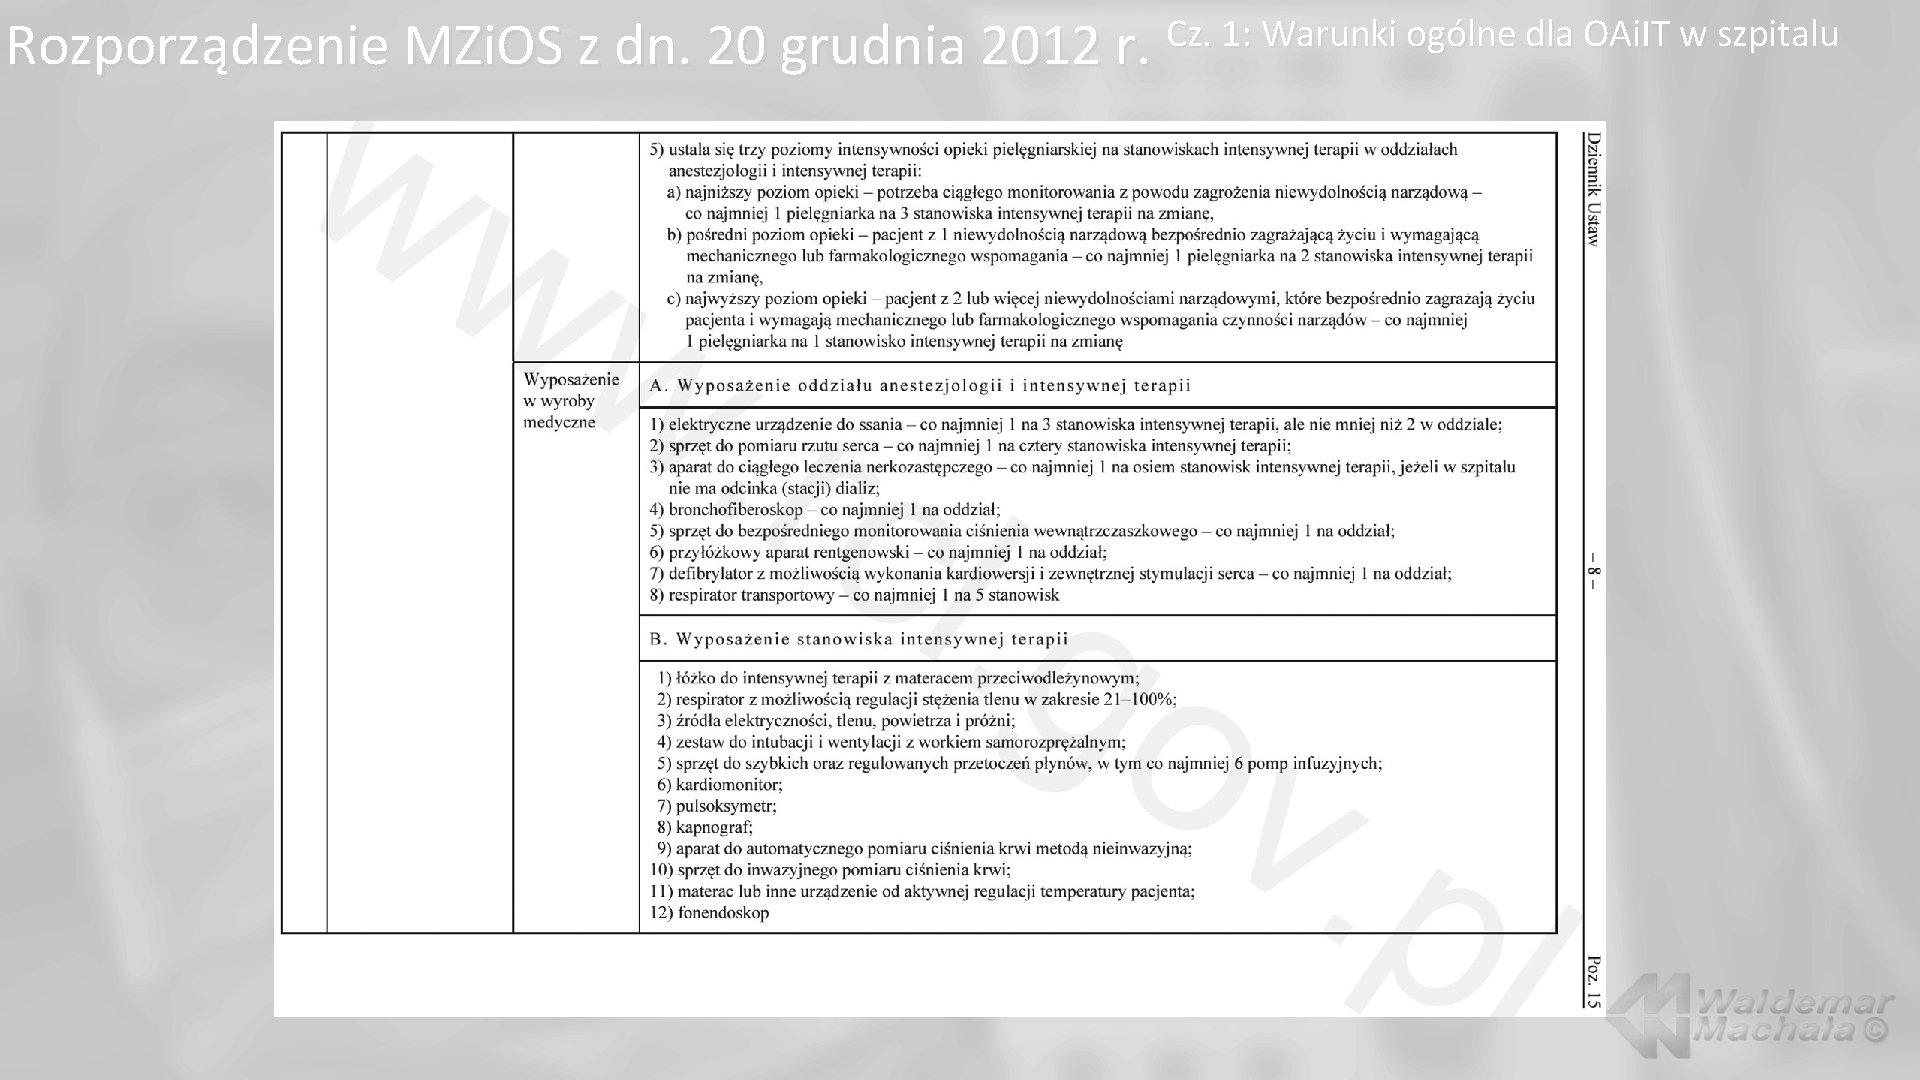 Rozporządzenie MZi. OS z dn. 20 grudnia 2012 r. Cz. 1: Warunki ogólne dla